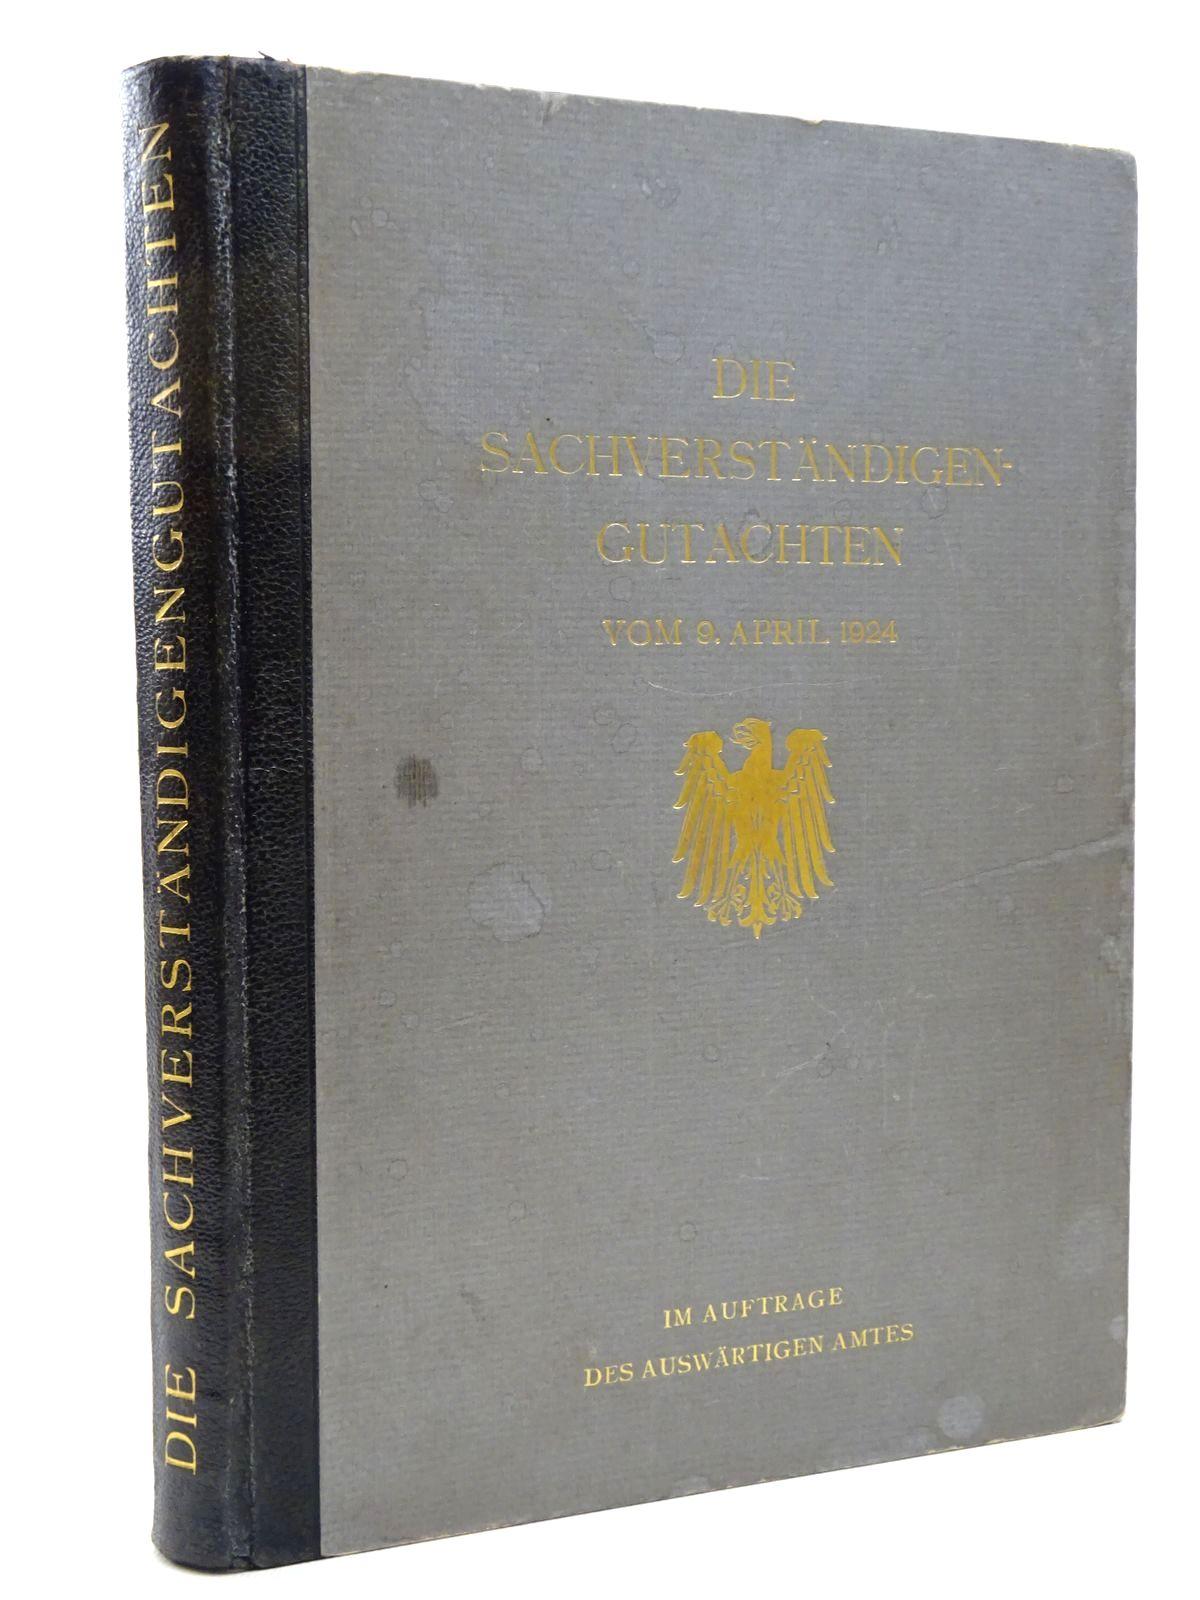 Photo of DIE SACHVERSTANDIGEN-GUTACHTEN: DIE BERICHTE DER VON DER REPARATIONS KOMMISSION ENGESETZEN BEIDEN SACHVERSTANDIGEN KOMITEES VOM 9 APRIL 1924 NEBST ALLEN BEILAGEN published by Deutsche Verlagsgesellschaft Fur Politik Und Geschichte (STOCK CODE: 1815622)  for sale by Stella & Rose's Books